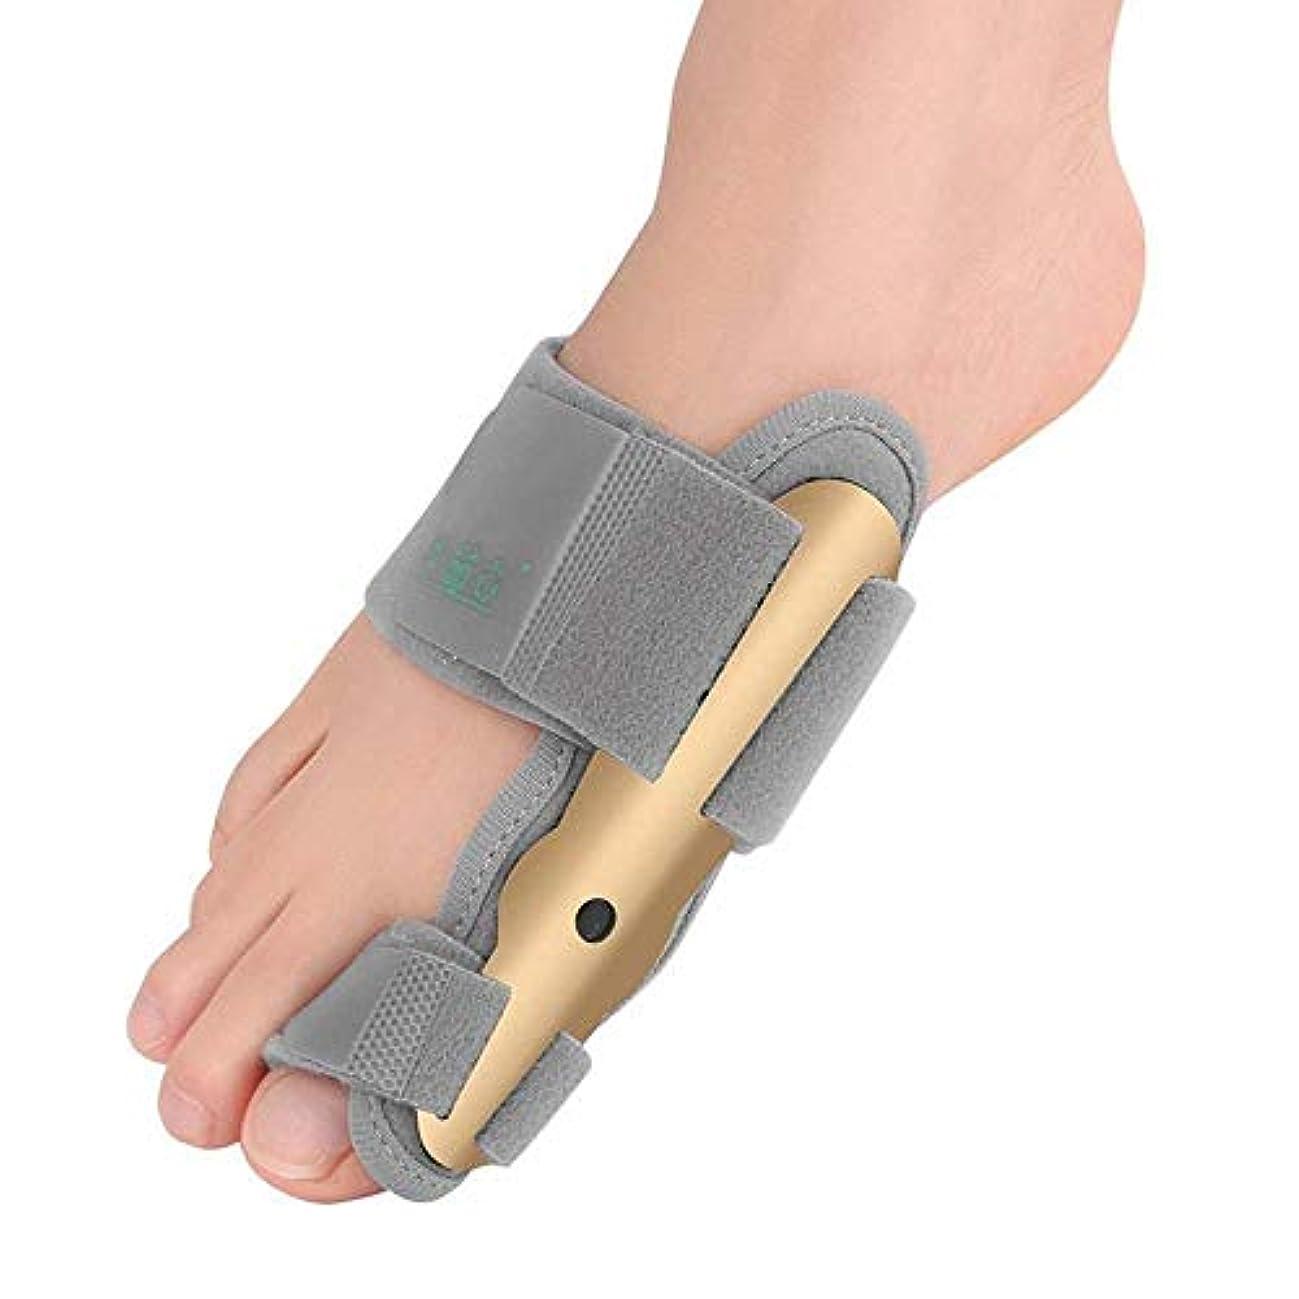 統合すなわち可聴つま先のセパレーター、足の親指のアライメント矯正器のつま先の変形とサポート腱膜瘤1ピース、ユニバーサル左足と右足